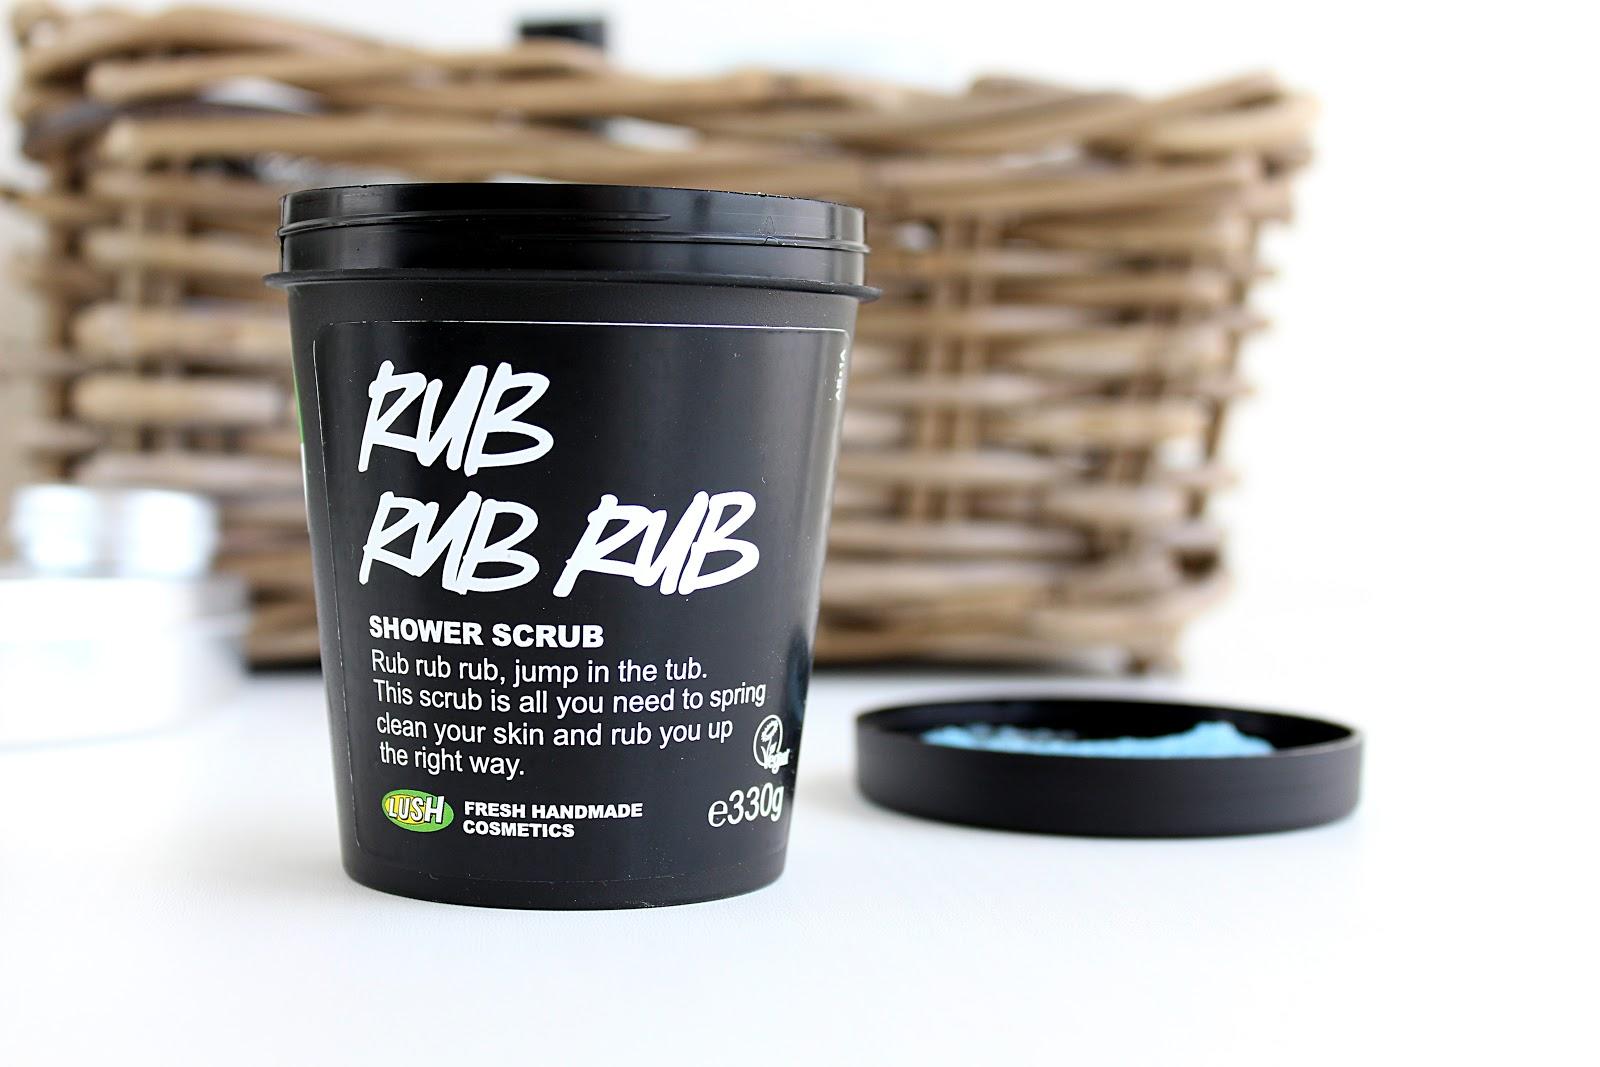 LUSH Rub Rub Rub Body Scrub Review, Life in Excess Blog